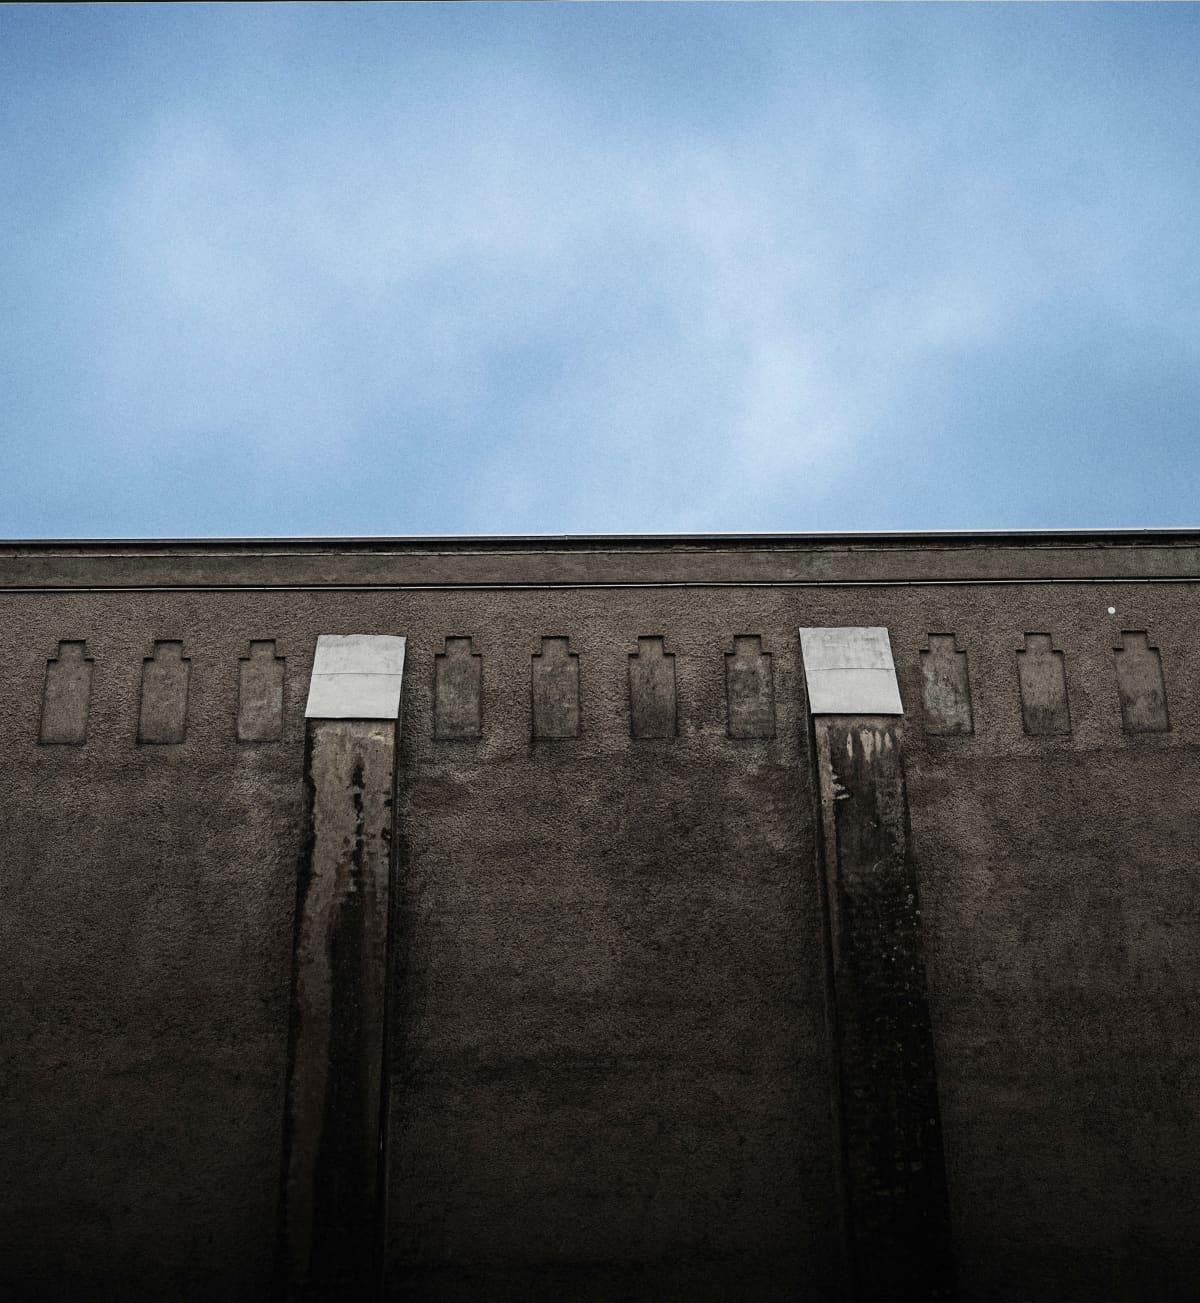 Riihimäen vankilan muuri ja taivasta.